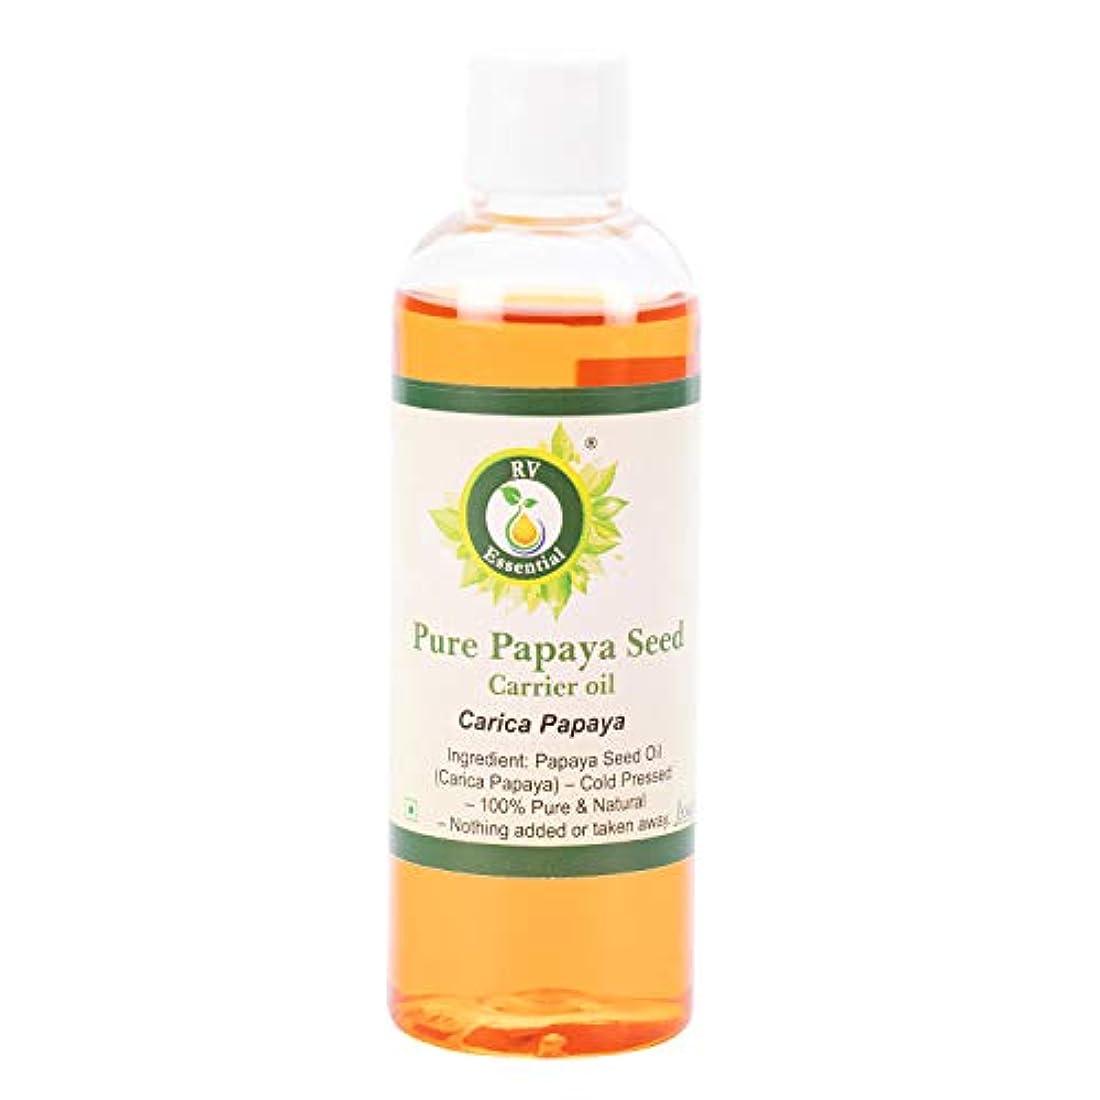 ブレンド速報詐欺師純粋なパパイヤ種子キャリアオイル100ml (3.38oz)- Carica Papaya (100%ピュア&ナチュラルコールドPressed) Pure Papaya Seed Carrier Oil